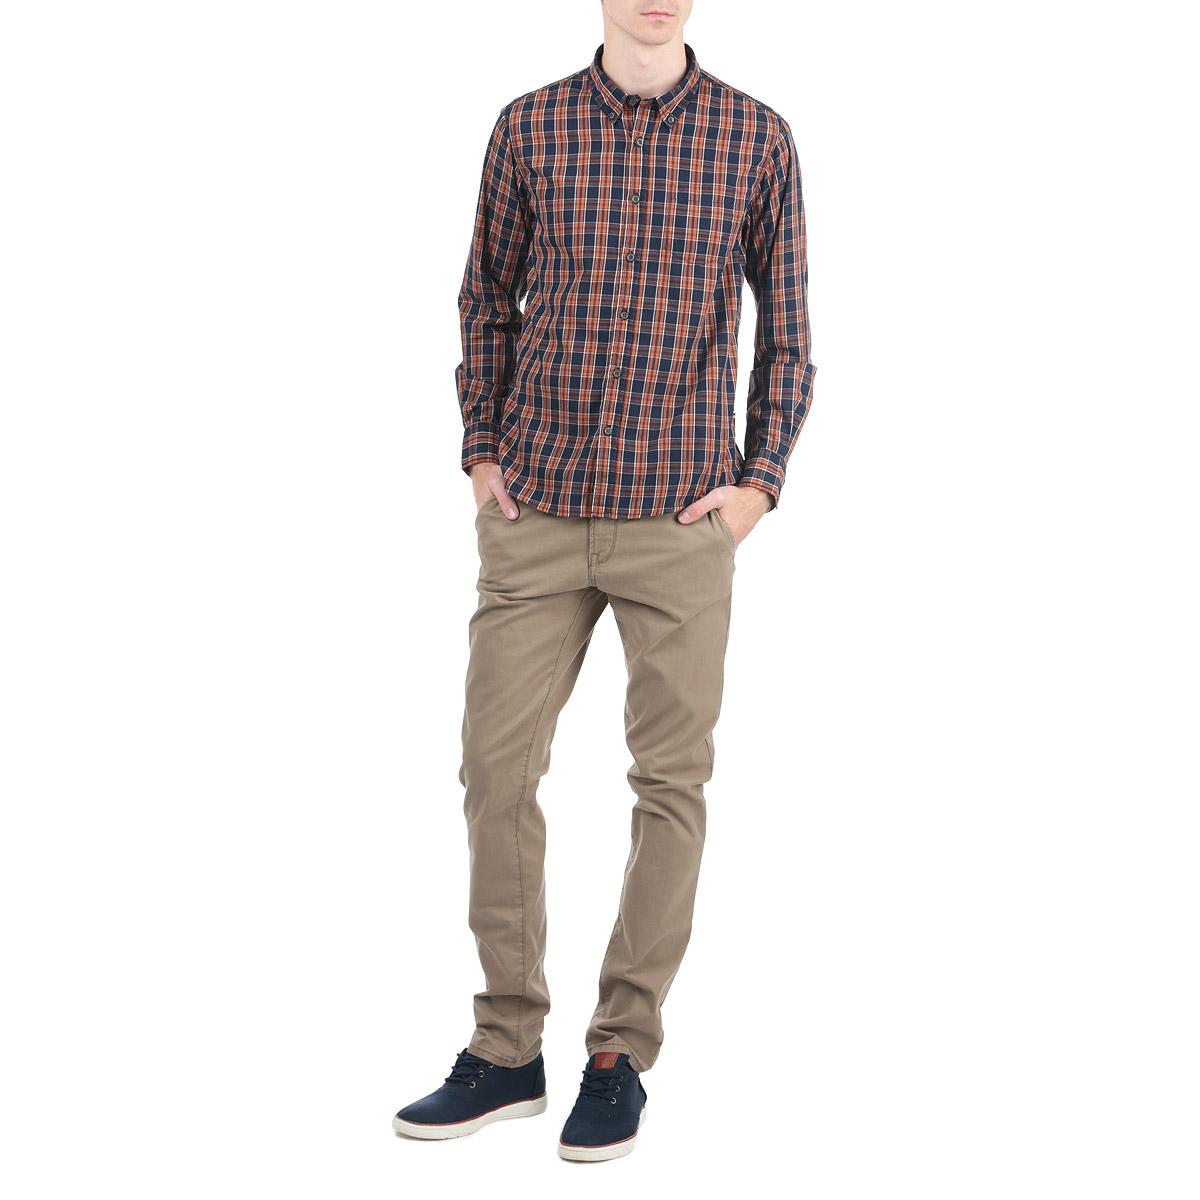 10153049_557Стильная рубашка Broadway с длинными рукавами, отложным воротником и застежкой на пуговицы приятная на ощупь, не сковывает движения, обеспечивая наибольший комфорт. Рубашка оформлена ярким клетчатым принтом и накладными карманами. Рубашка, выполненная из хлопка и полиэстера, обладает высокой воздухопроницаемостью и гигроскопичностью, позволяет коже дышать, тем самым обеспечивая наибольший комфорт при носке даже самым жарким летом. Эта модная и удобная рубашка послужит замечательным дополнением к вашему гардеробу.